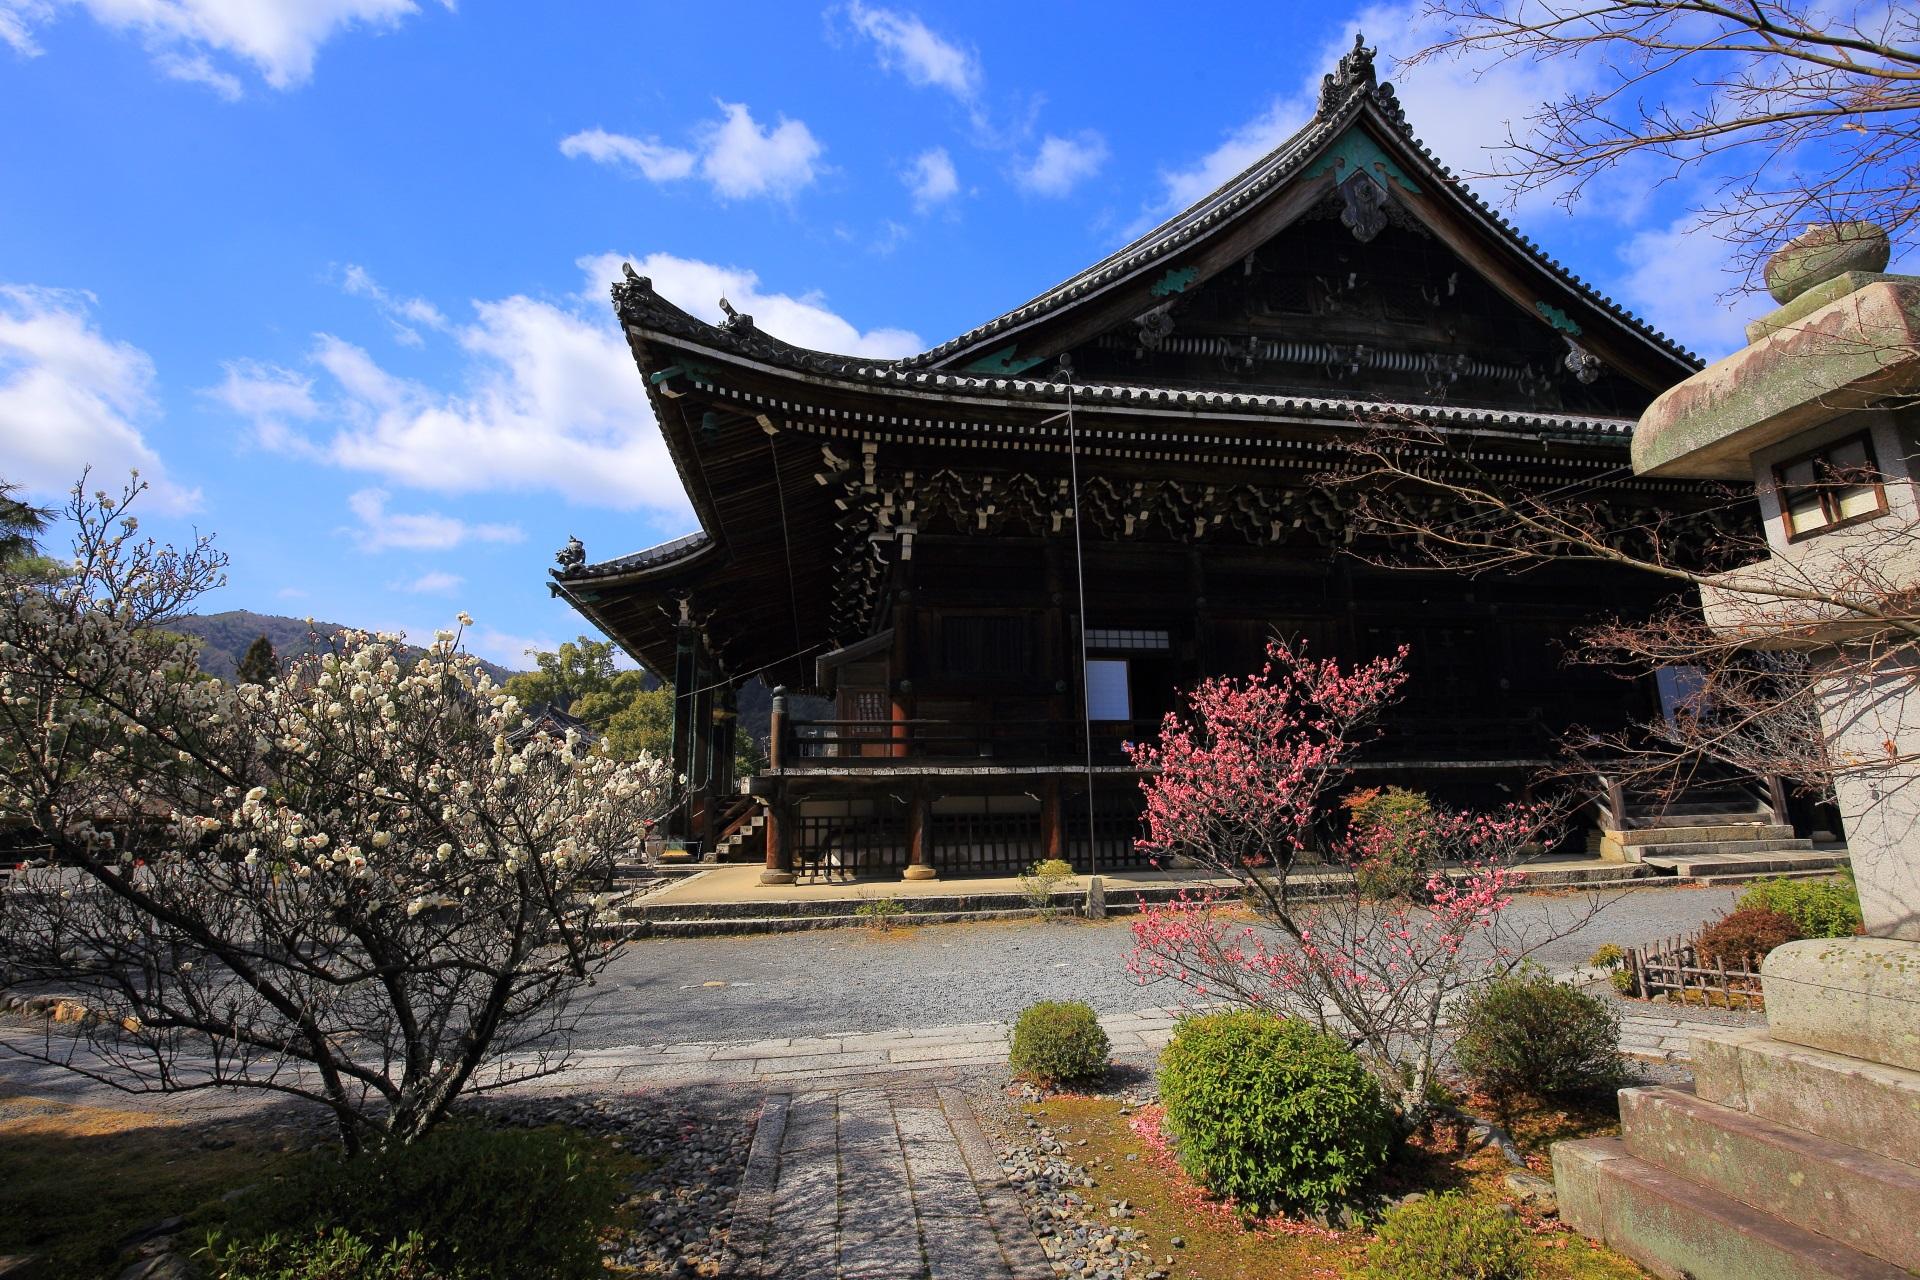 清涼寺の阿弥陀堂側から眺めた雄大な本堂と紅白の梅